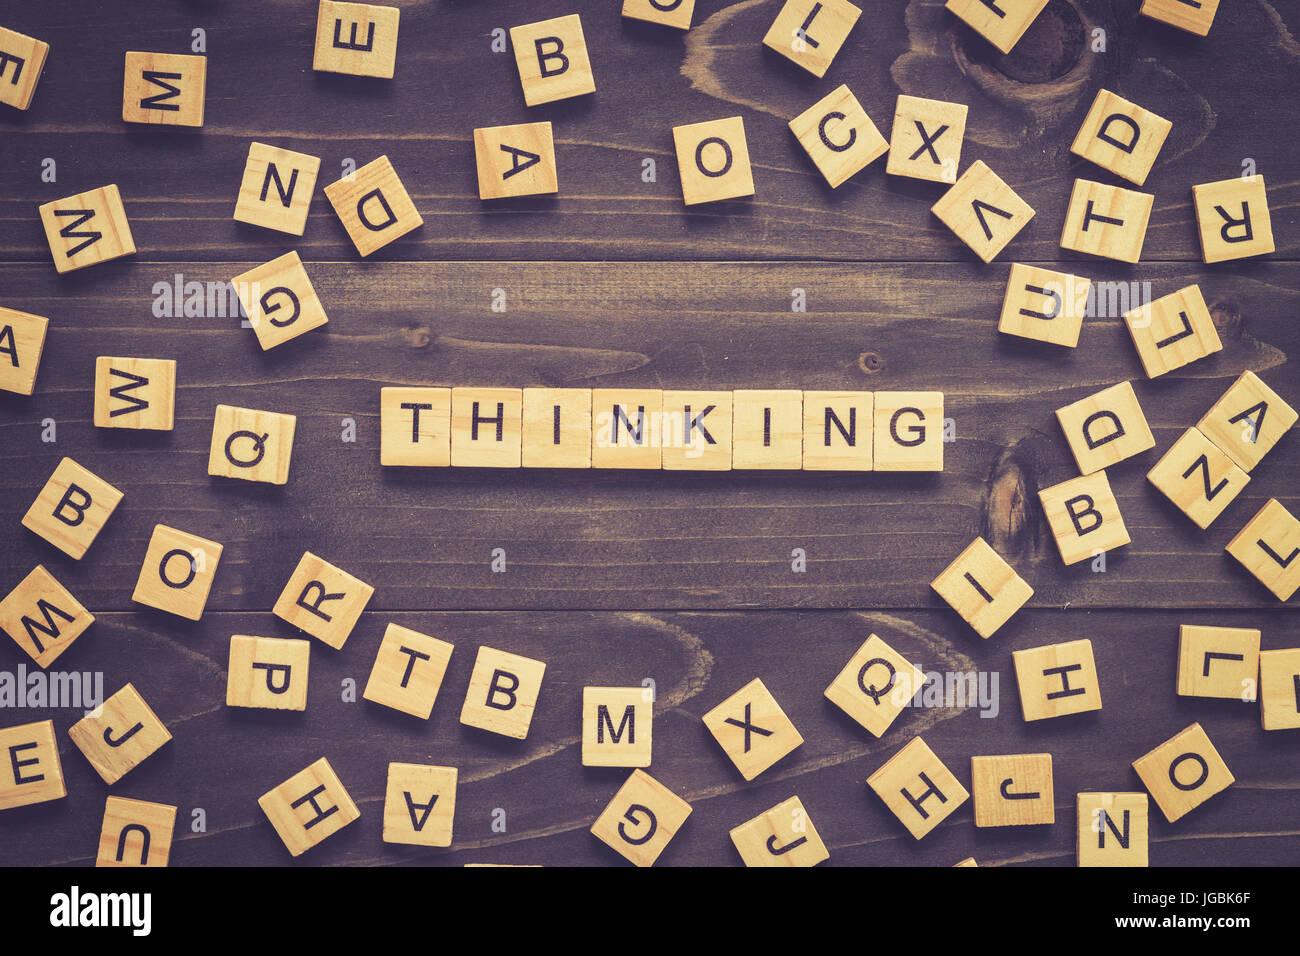 Denken Wort Holzblock auf Tisch für Business-Konzept. Stockbild